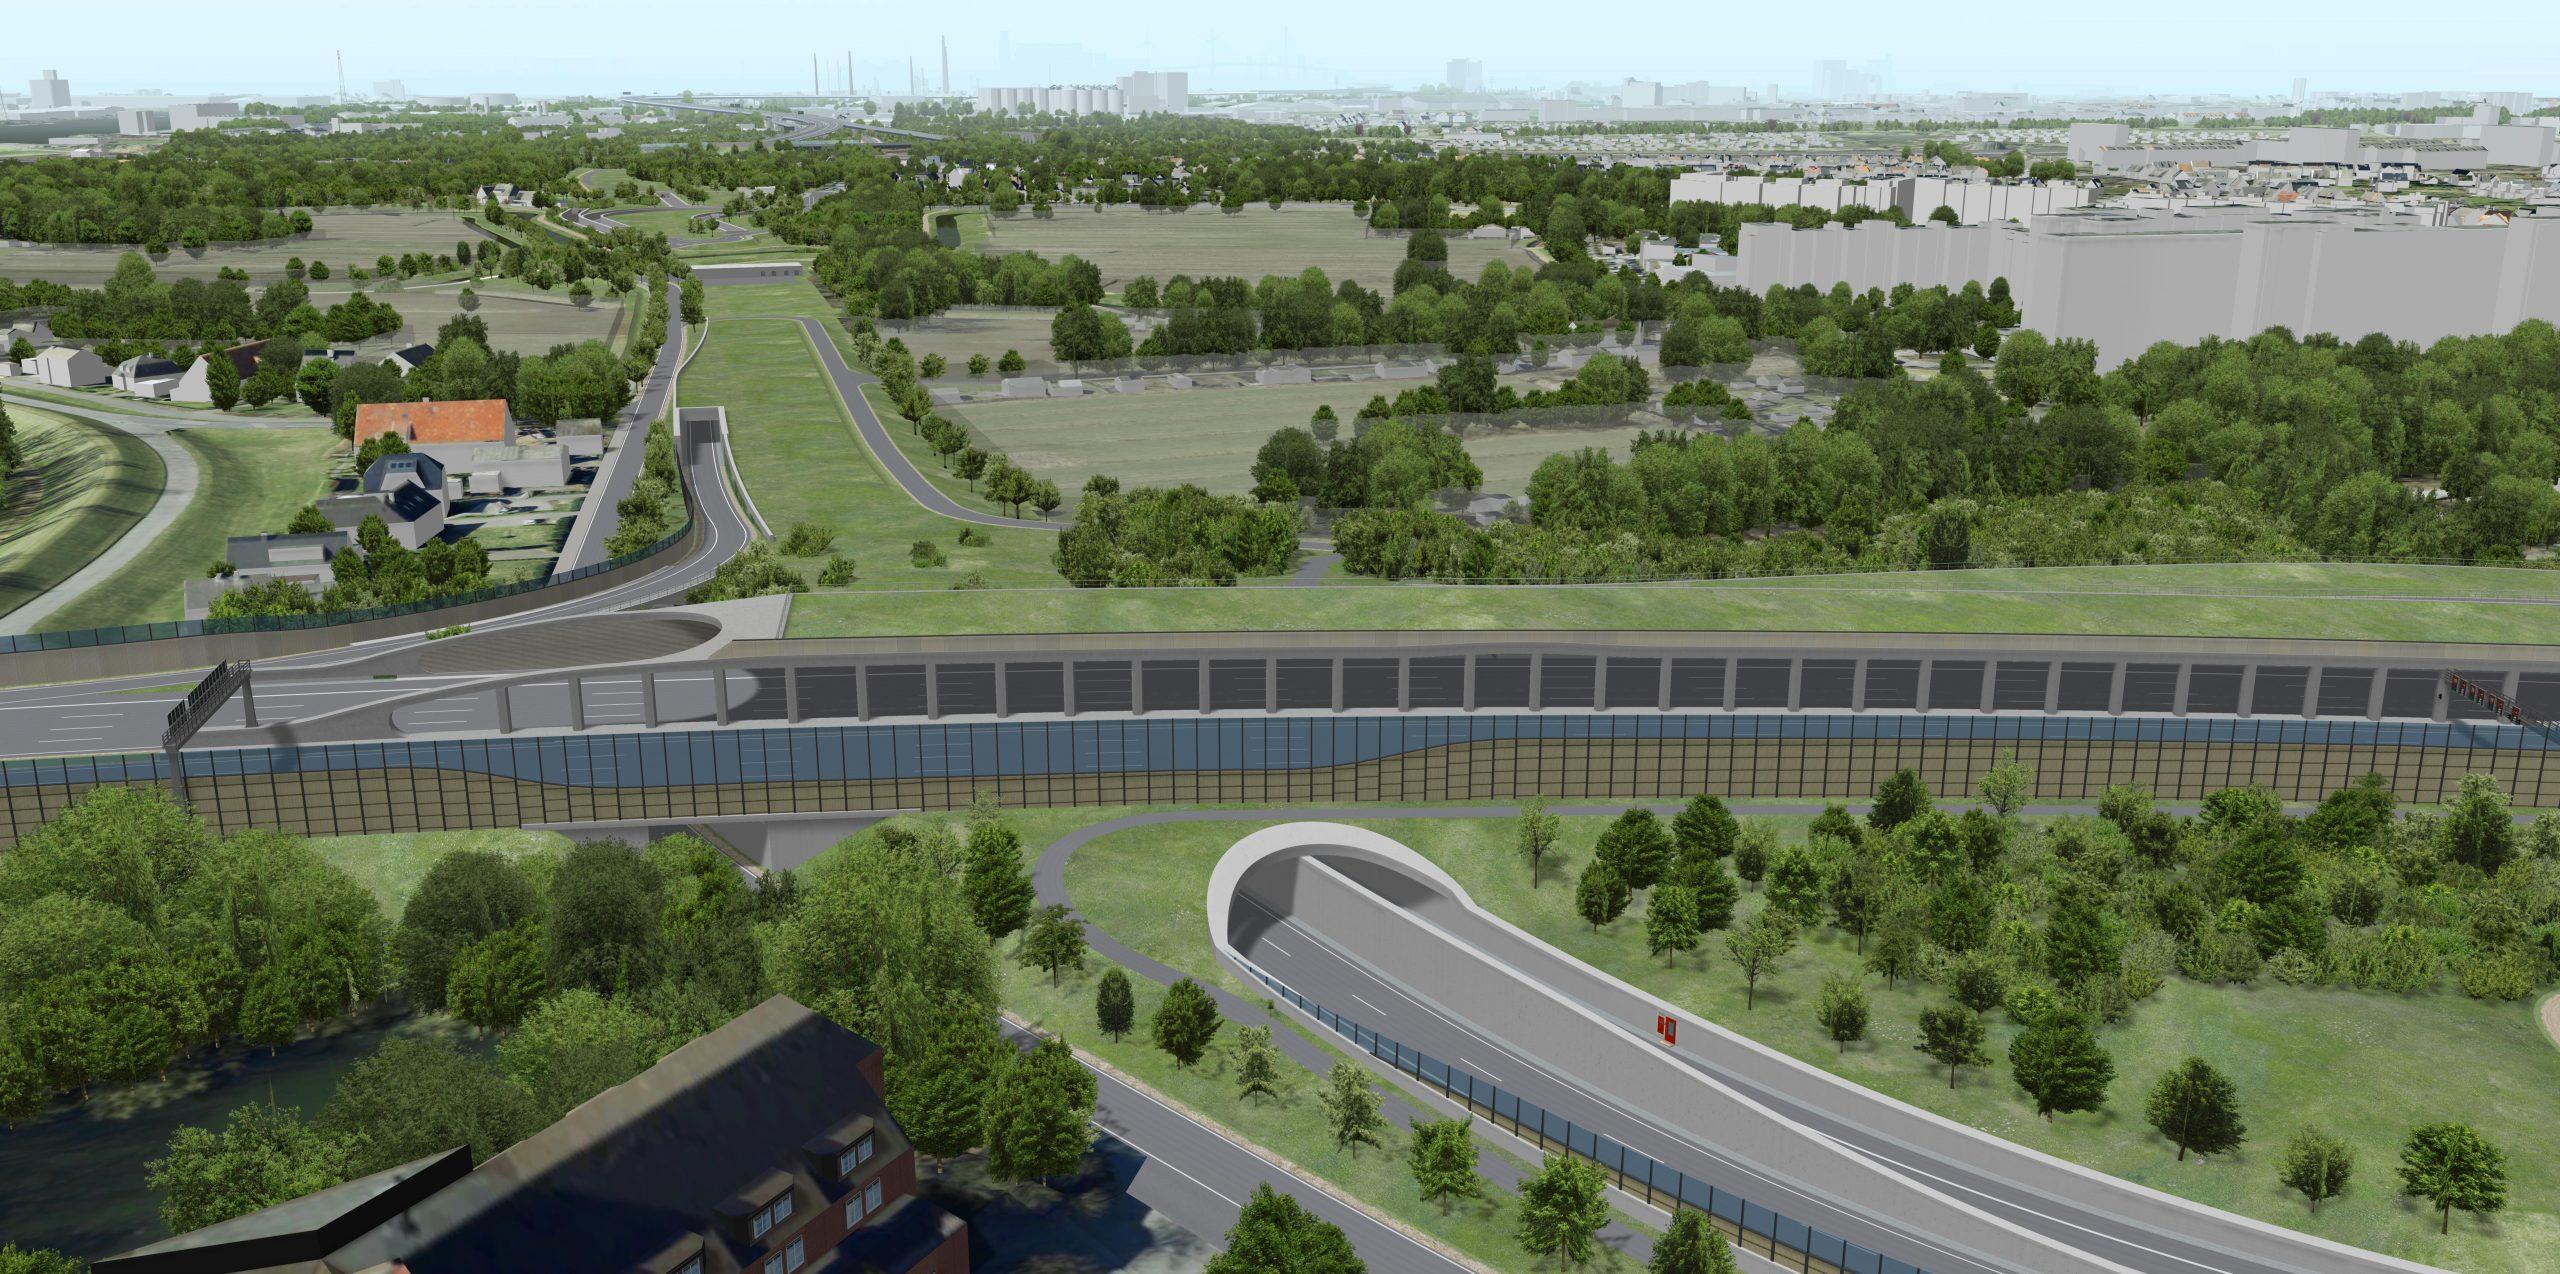 Der Verlauf der A26-Ost durch Kirchdorf-Süd (rechts oben im Bild). Der geplante Neubau wird von den Umweltschutzverbänden massiv kritisiert. Foto: DEGES